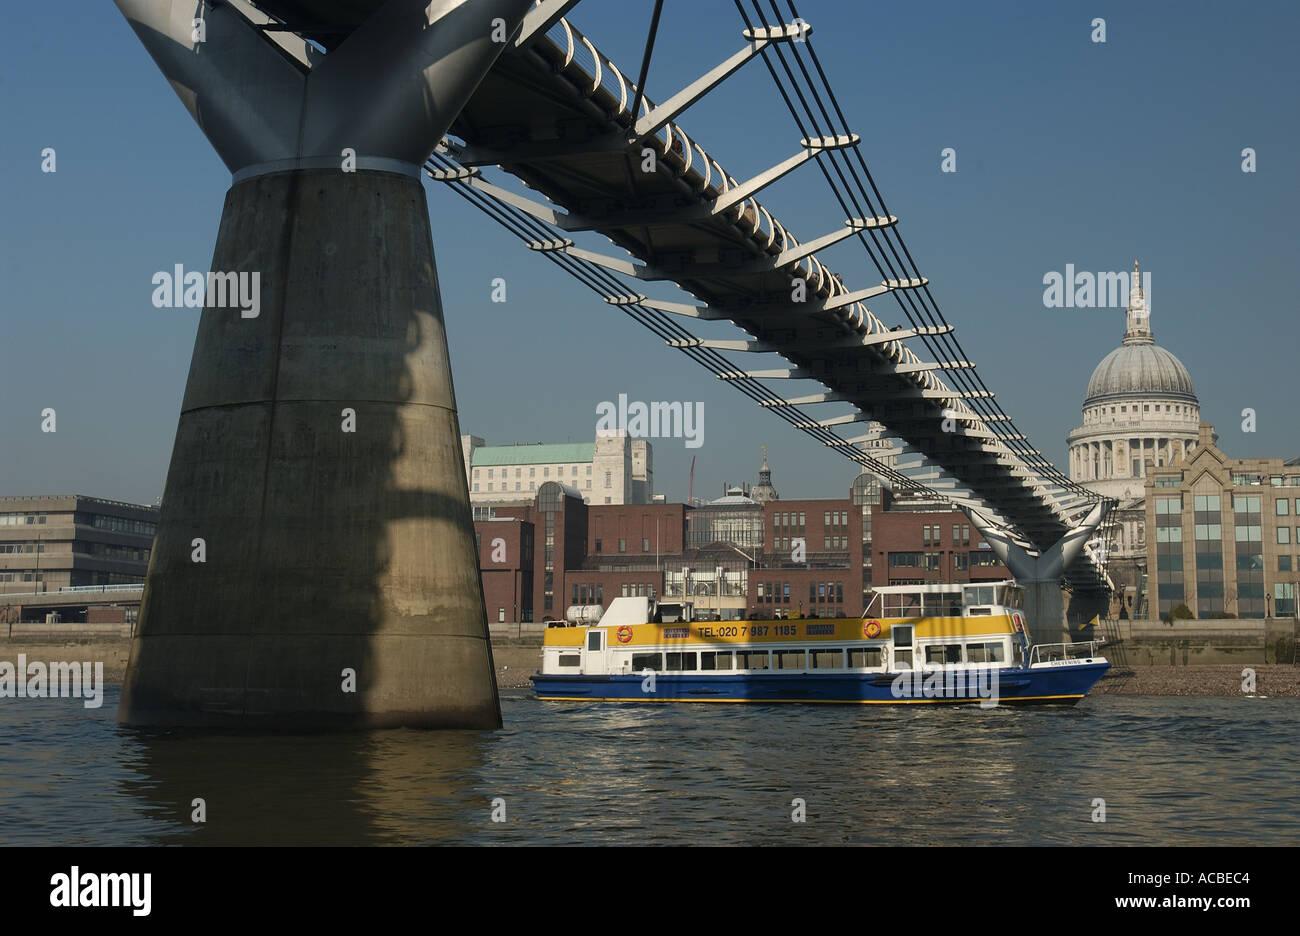 Millennium Bridge St Pauls Cathedral London England UK - Stock Image